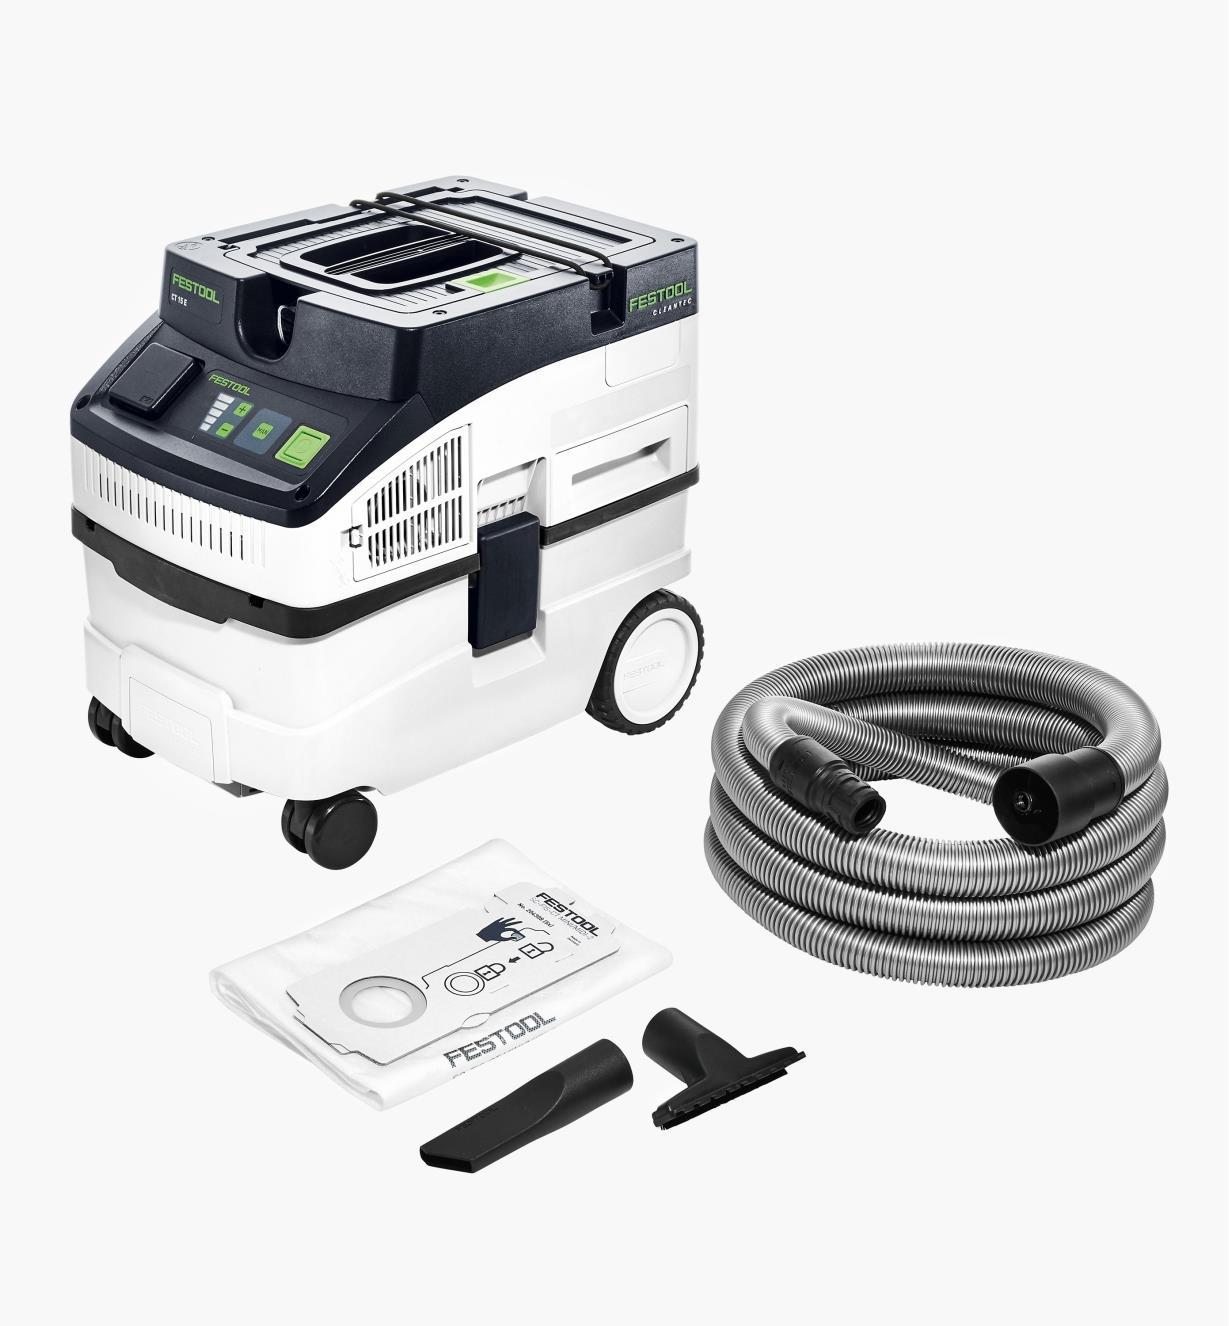 Festool Aspirateur Kit d/'adaptateur de 36 mm à 20 30 37 40 mm